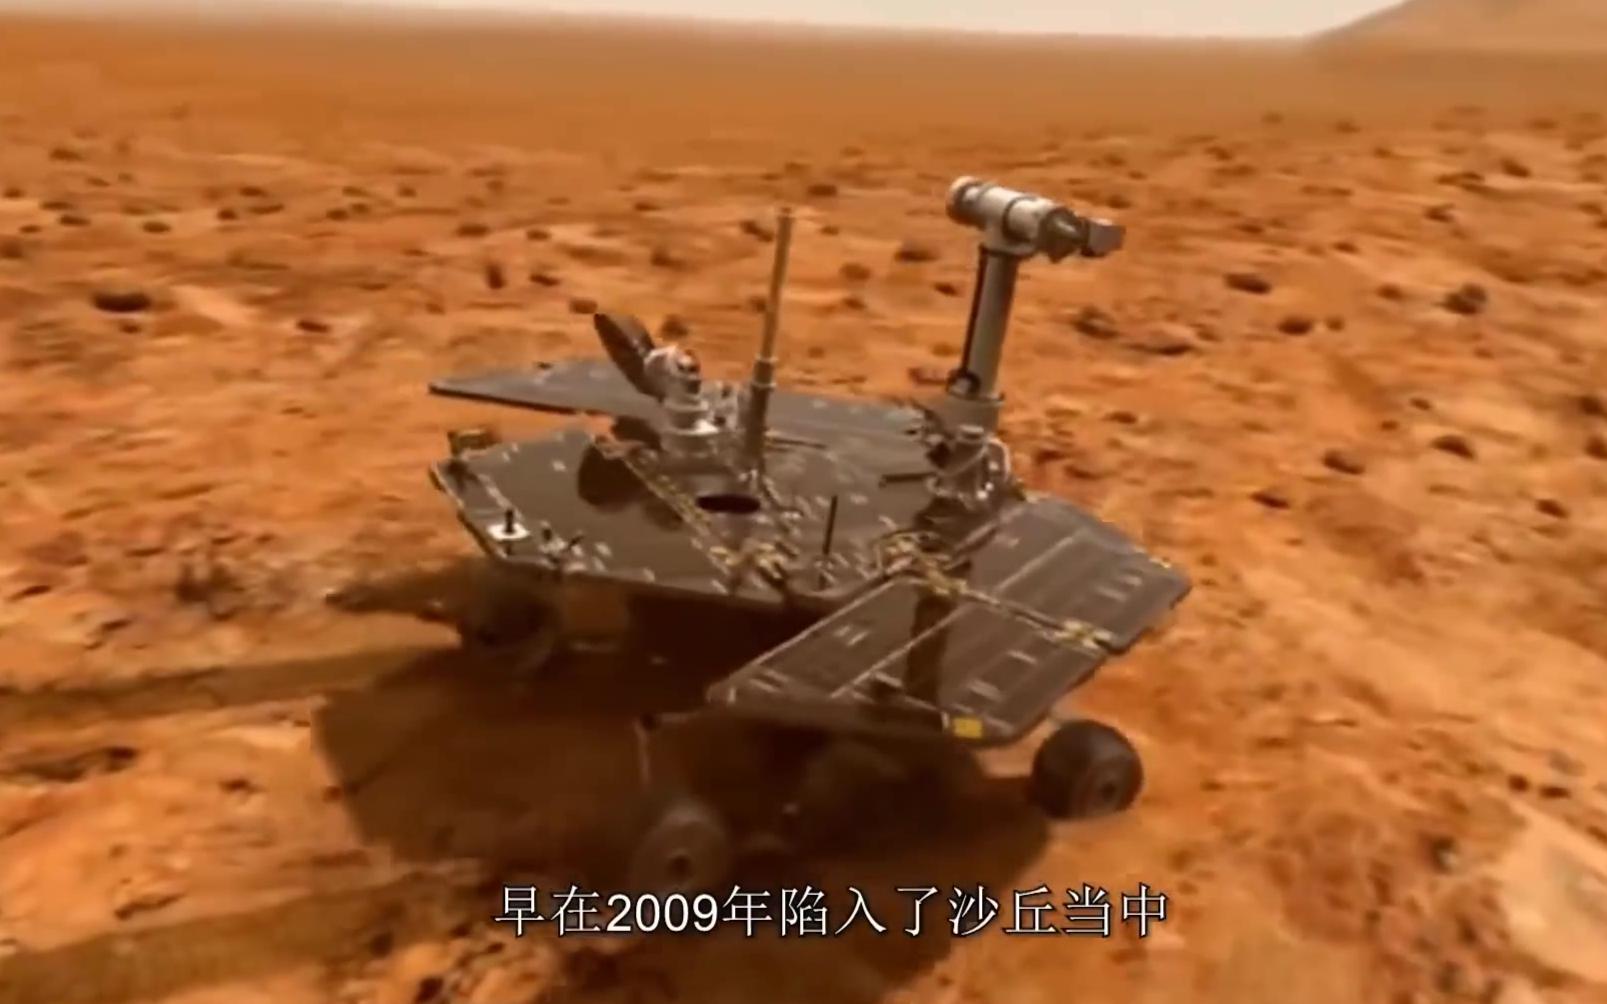 呼唤800次无果,NASA宣布机遇号火星车正式死亡